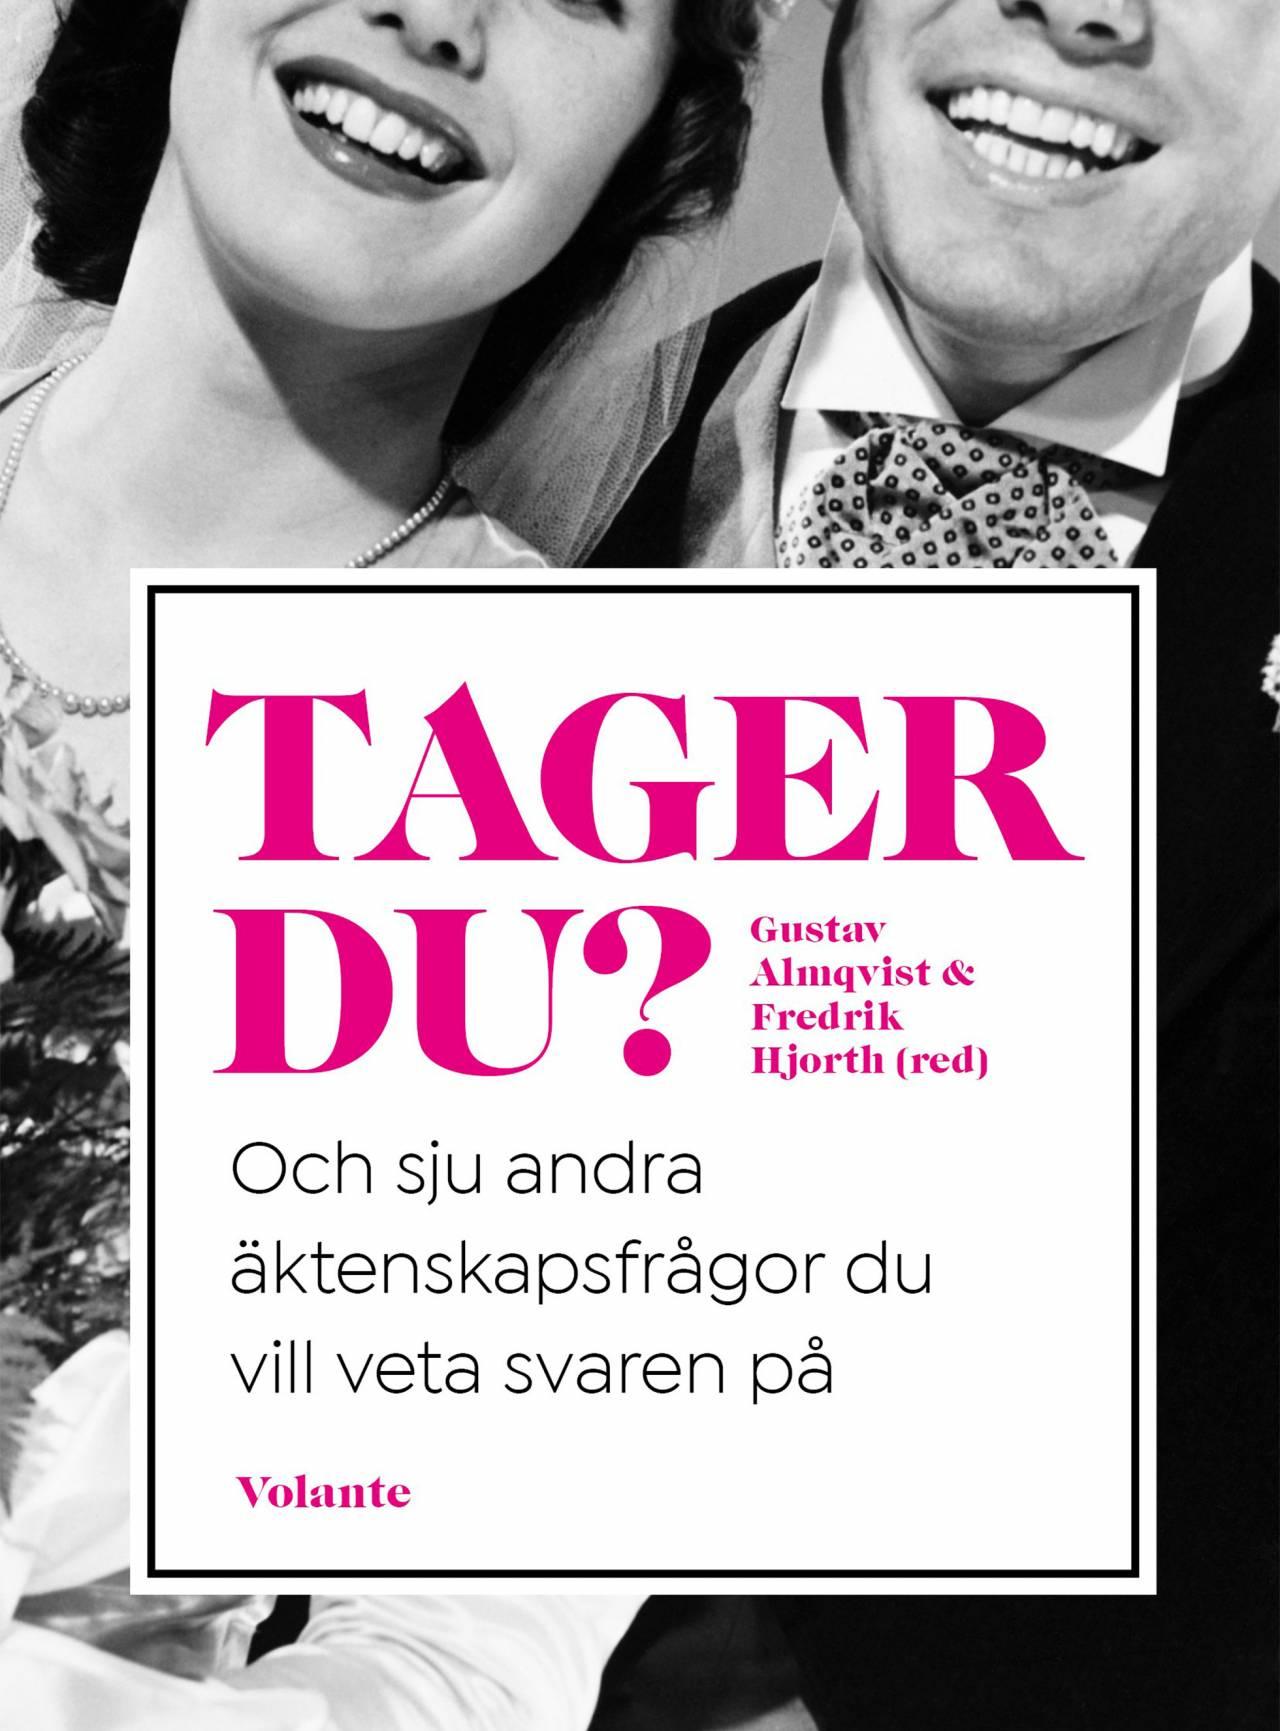 Bokomslag på Tager du? av Gustav Almqvist och Fredrik Hjorth.